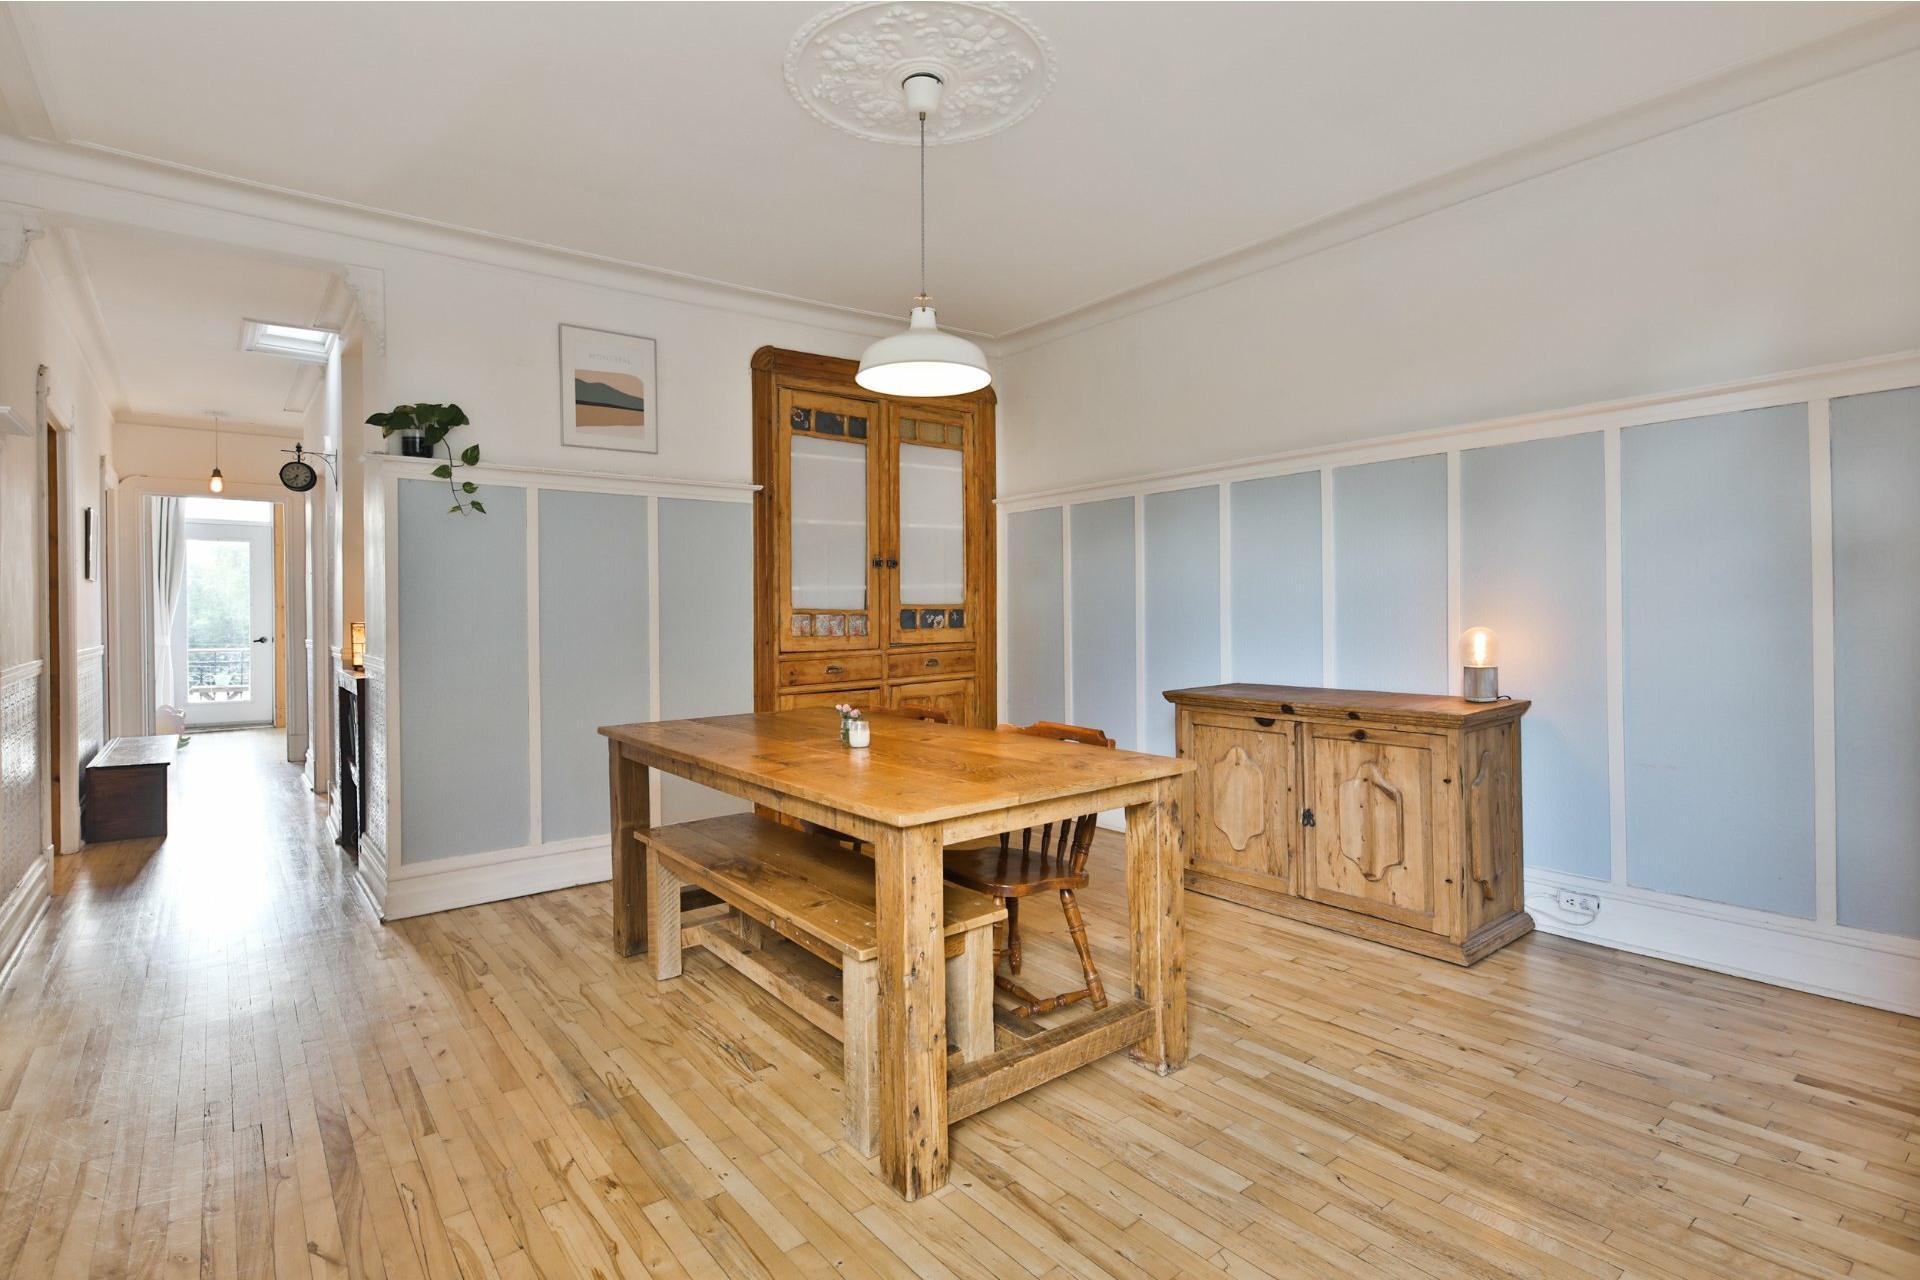 image 8 - Appartement À vendre Rosemont/La Petite-Patrie Montréal  - 6 pièces